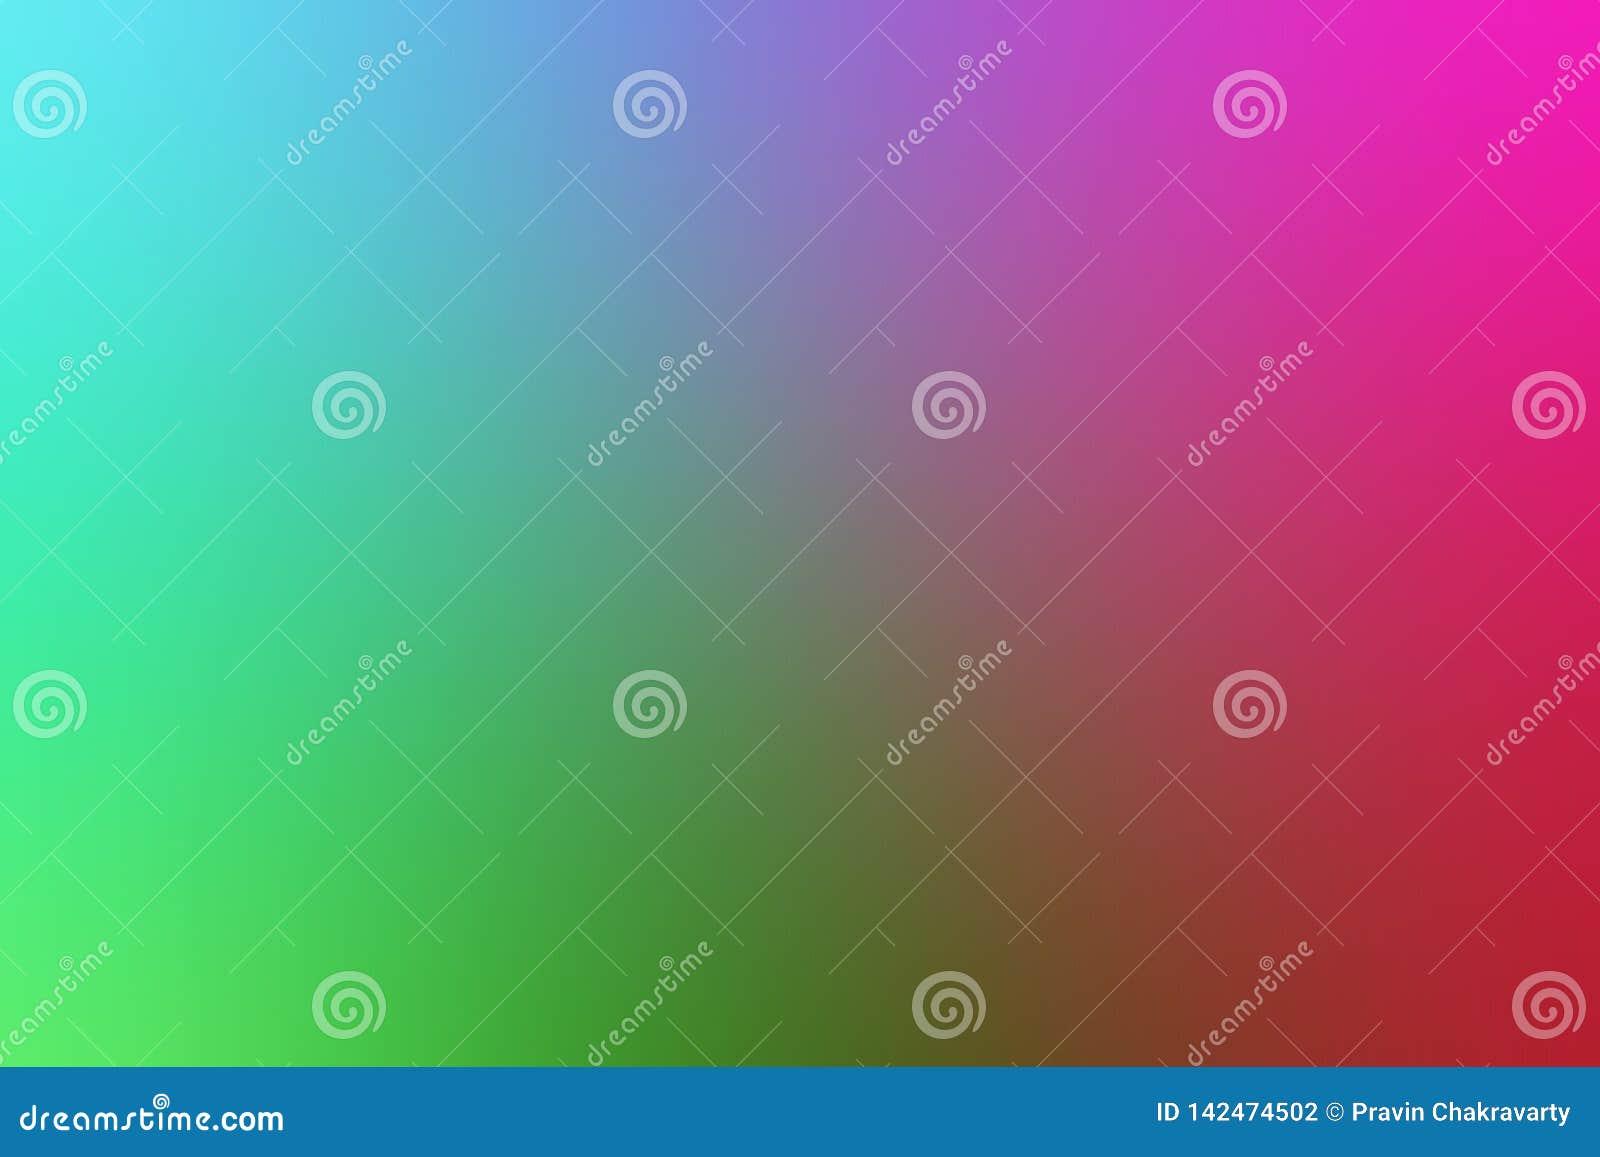 Multicolored onduidelijk beeld abstract vectorontwerp als achtergrond, kleurrijke vage in de schaduw gestelde achtergrond, levend